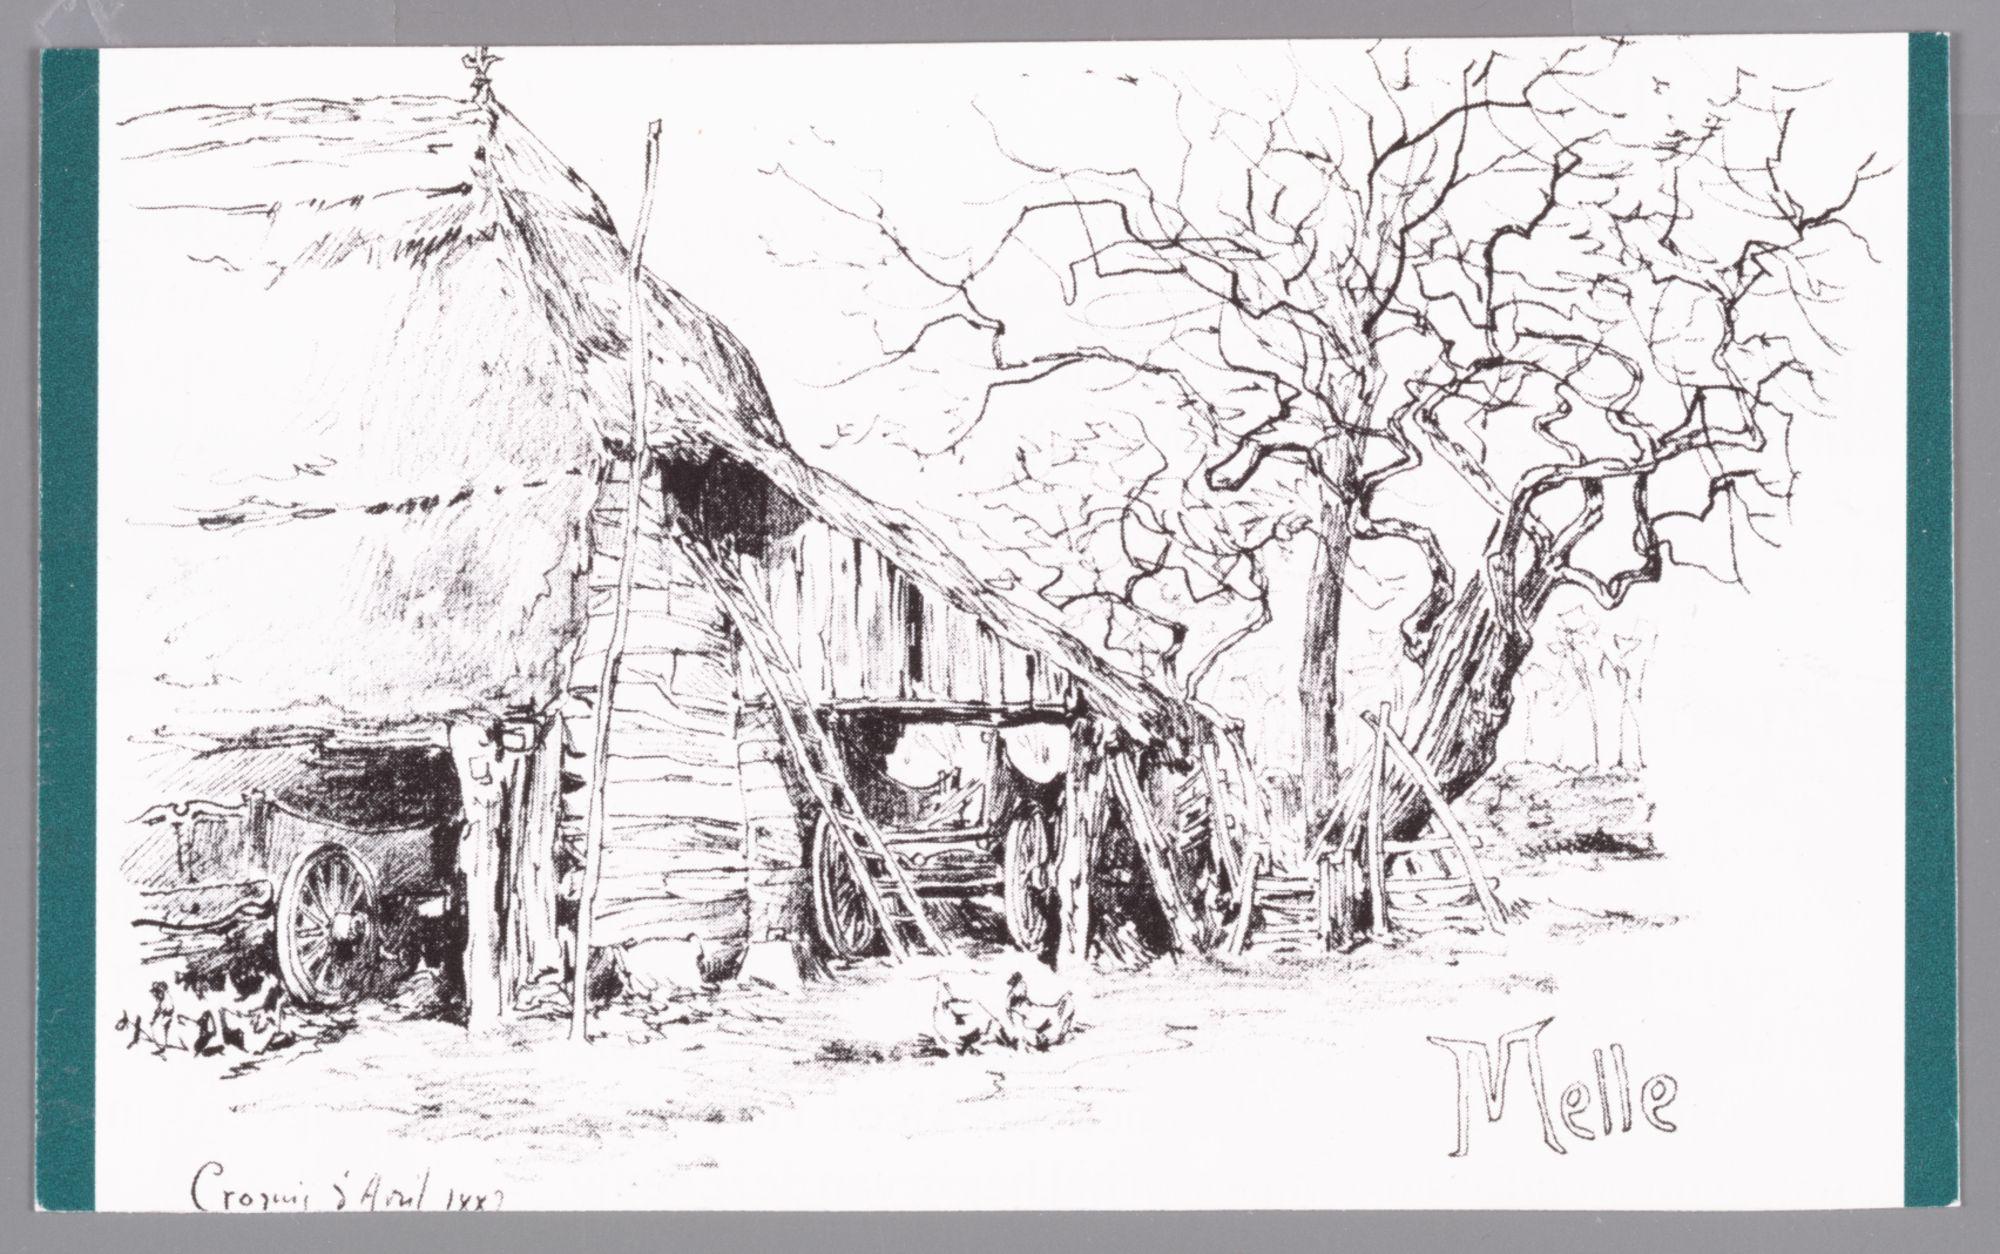 Melle: tekening van de tuin van een boerderij